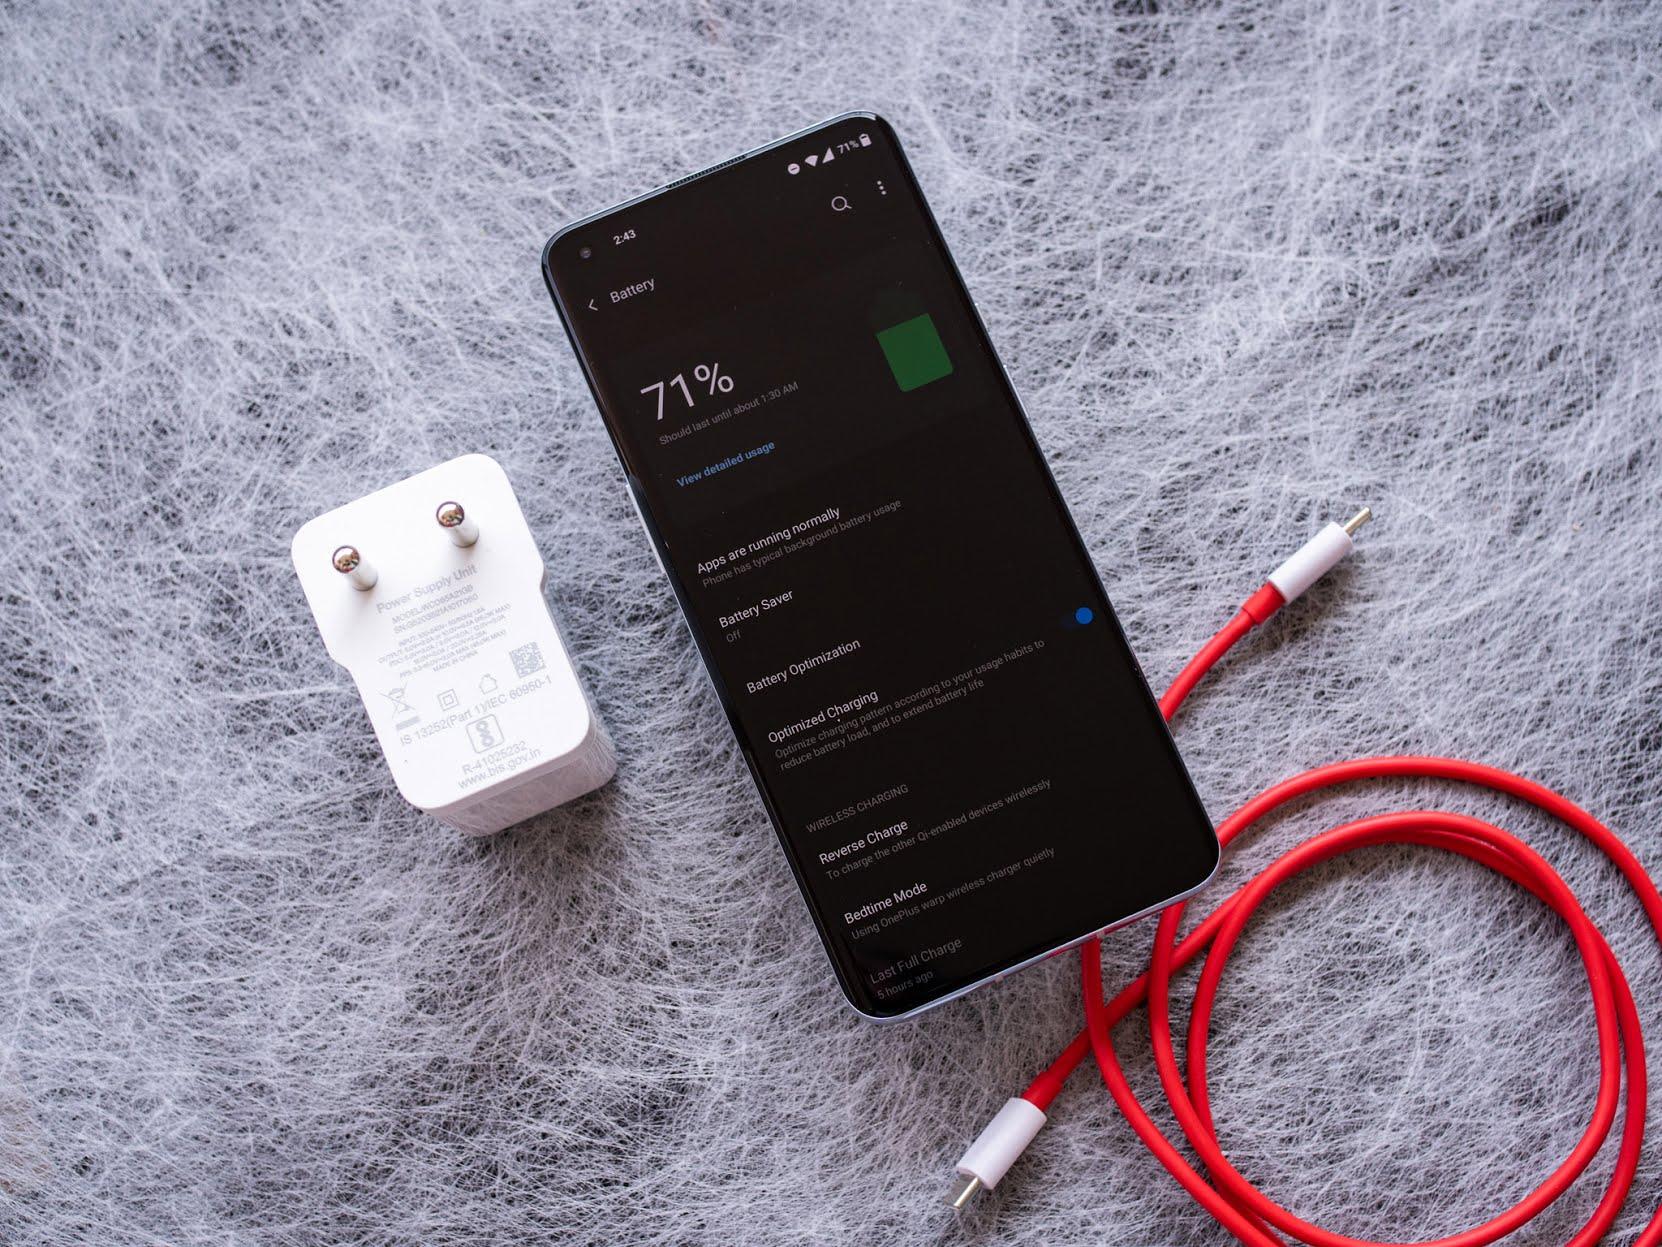 Sforum - Trang thông tin công nghệ mới nhất oneplus-9-pro-40 Cận cảnh OnePlus 9 Pro: Thiết kế vẫn đậm chất OnePlus, camera Hasselblad, hiệu năng top 1 phân khúc, giá 1069 USD